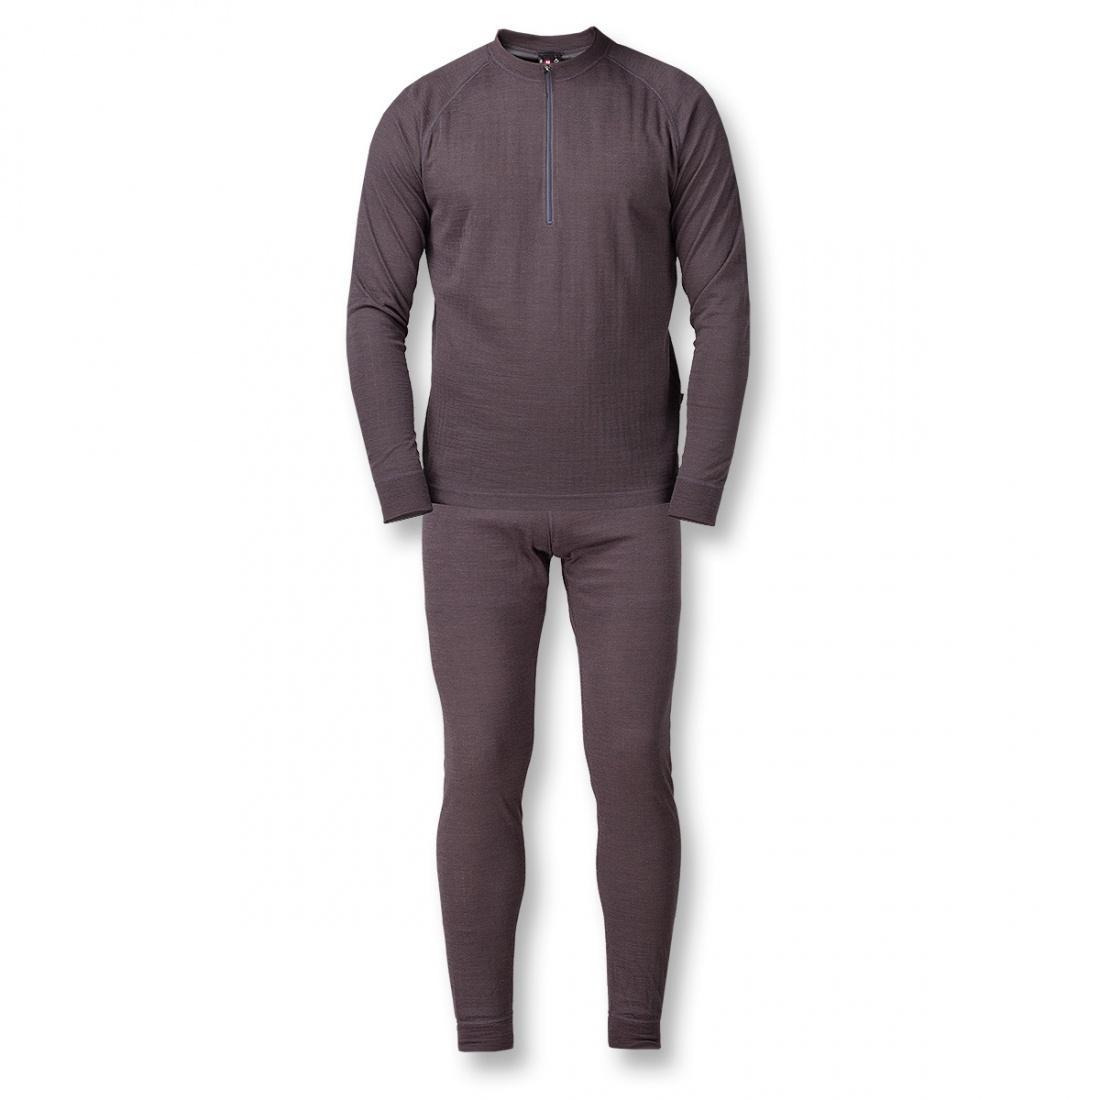 Термобелье костюм Natural Dry ZipКомплекты<br>Теплое белье из смесовой ткани: шерстяные волокна греют, анити акрила и полипропилена добавляют белью эластичности исокращают время исп...<br><br>Цвет: Серый<br>Размер: 44